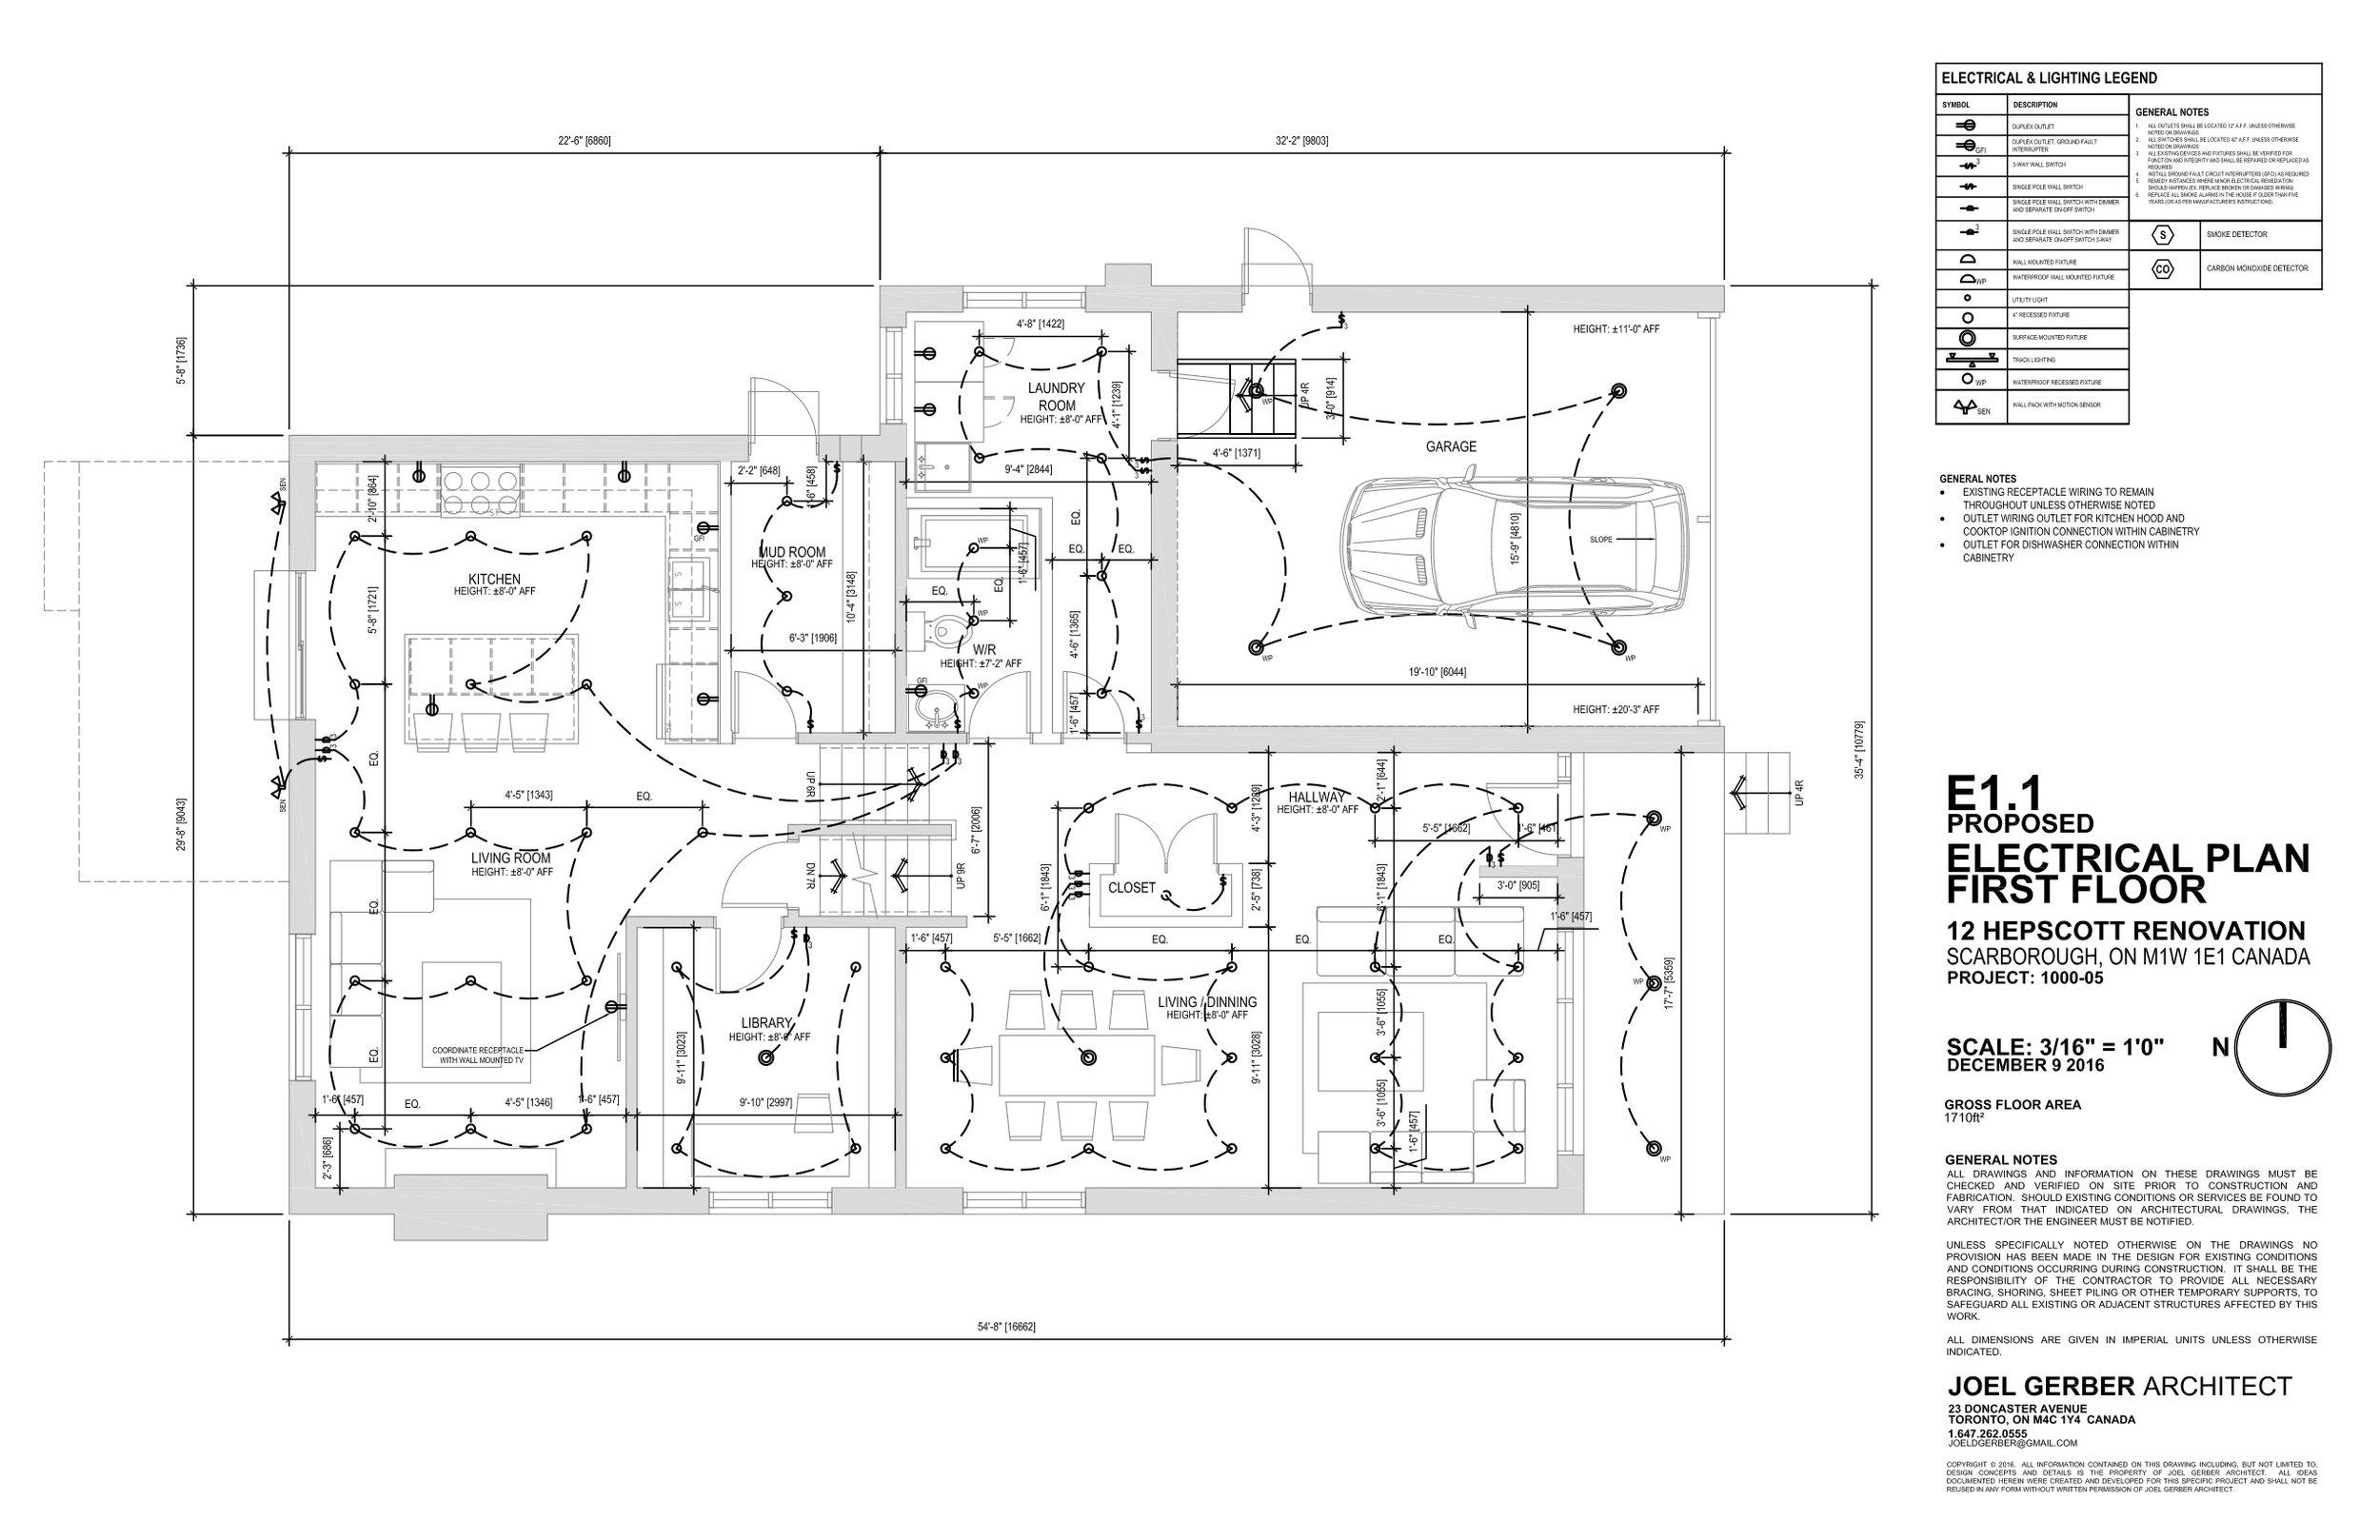 Drawing, Electrical Plan